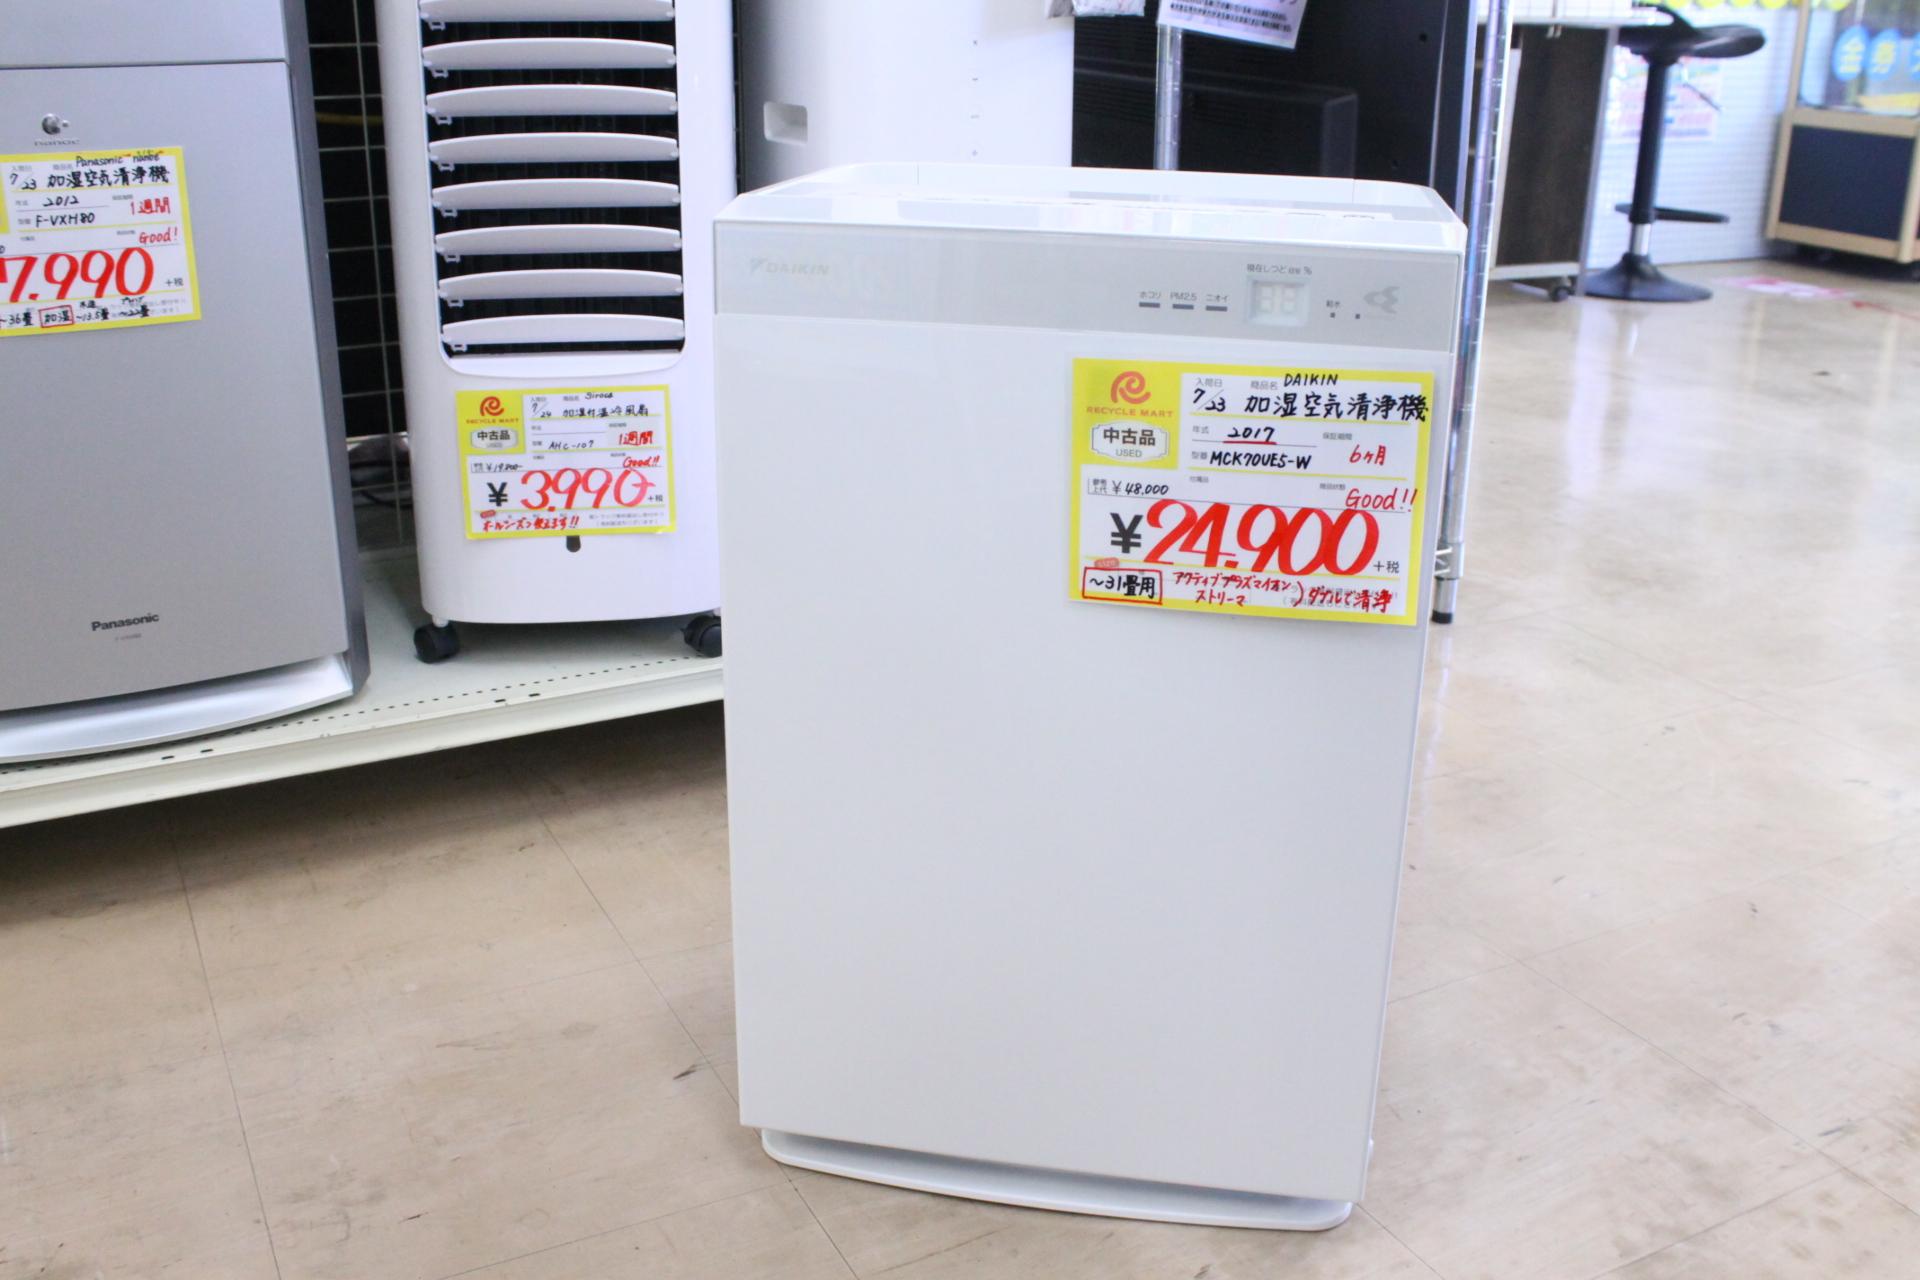 【2020年製 SHARP シャープ 6.0kg 洗濯機 ES-GE6D 風乾燥 穴なし槽】を買取させて頂きました!の買取-